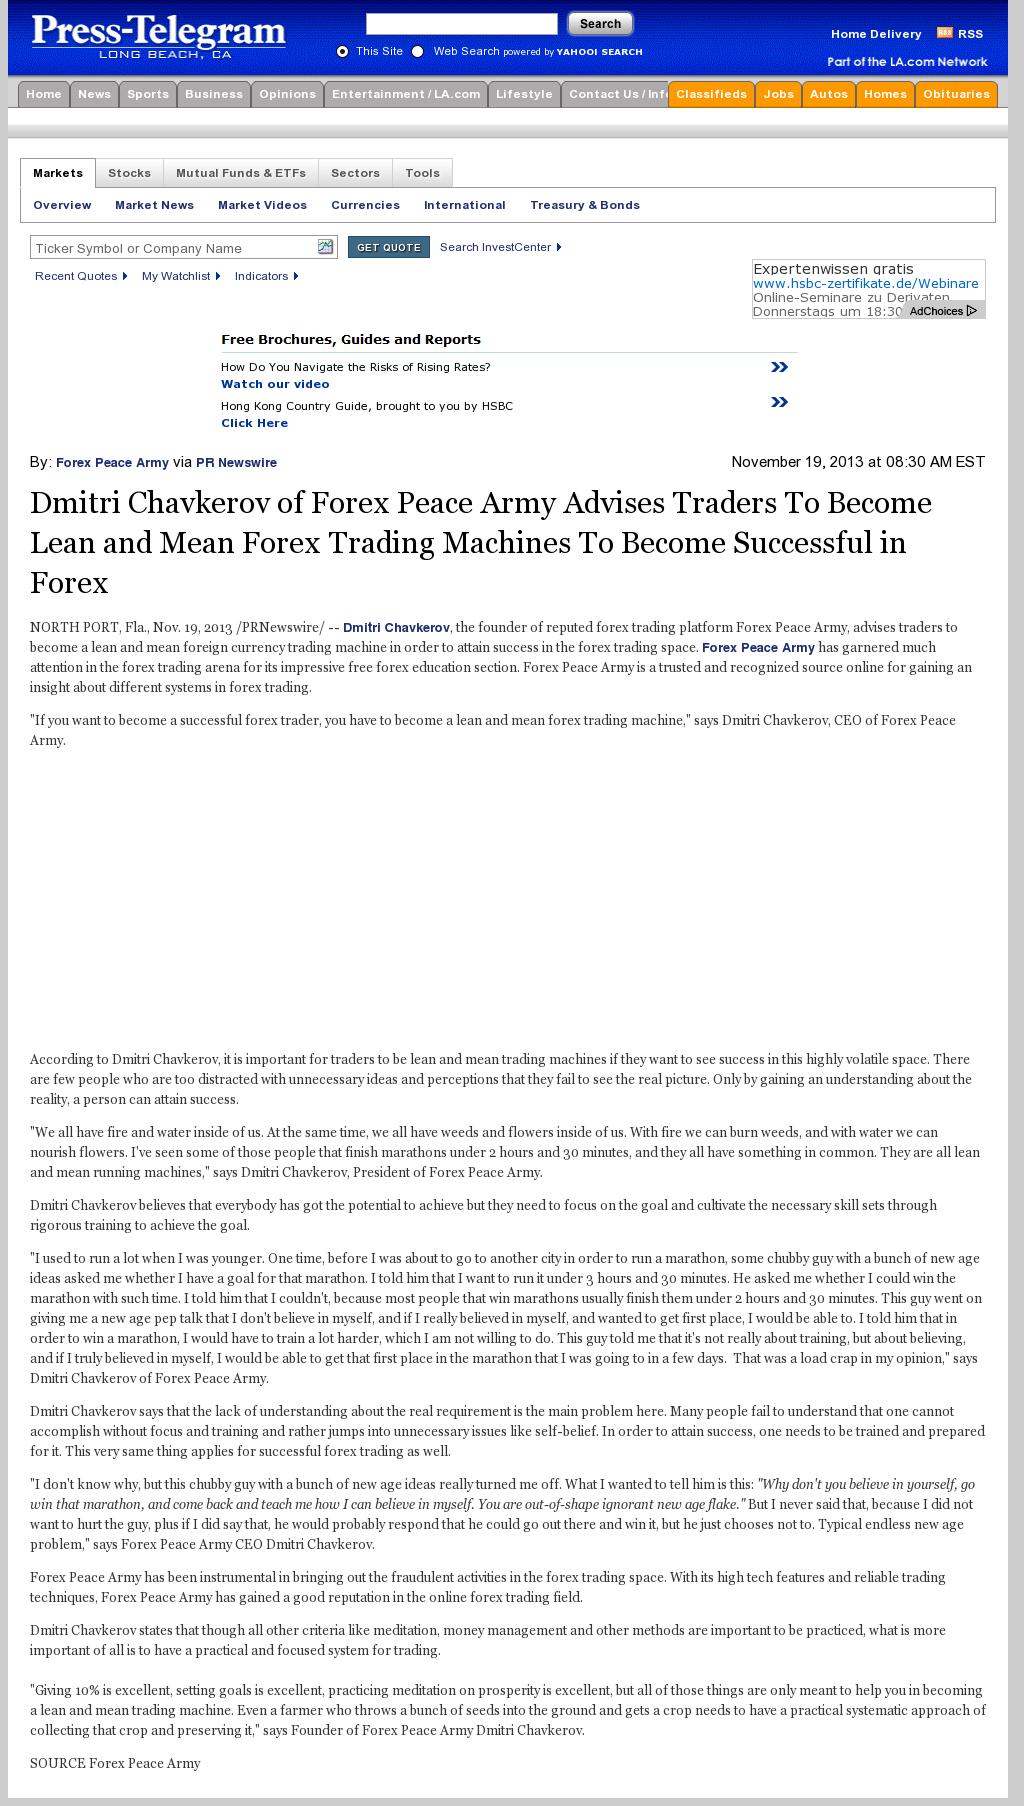 Dmitri Chavkerov - Long Beach Press-Telegram (Long Beach, CA) - Lean Forex Trading